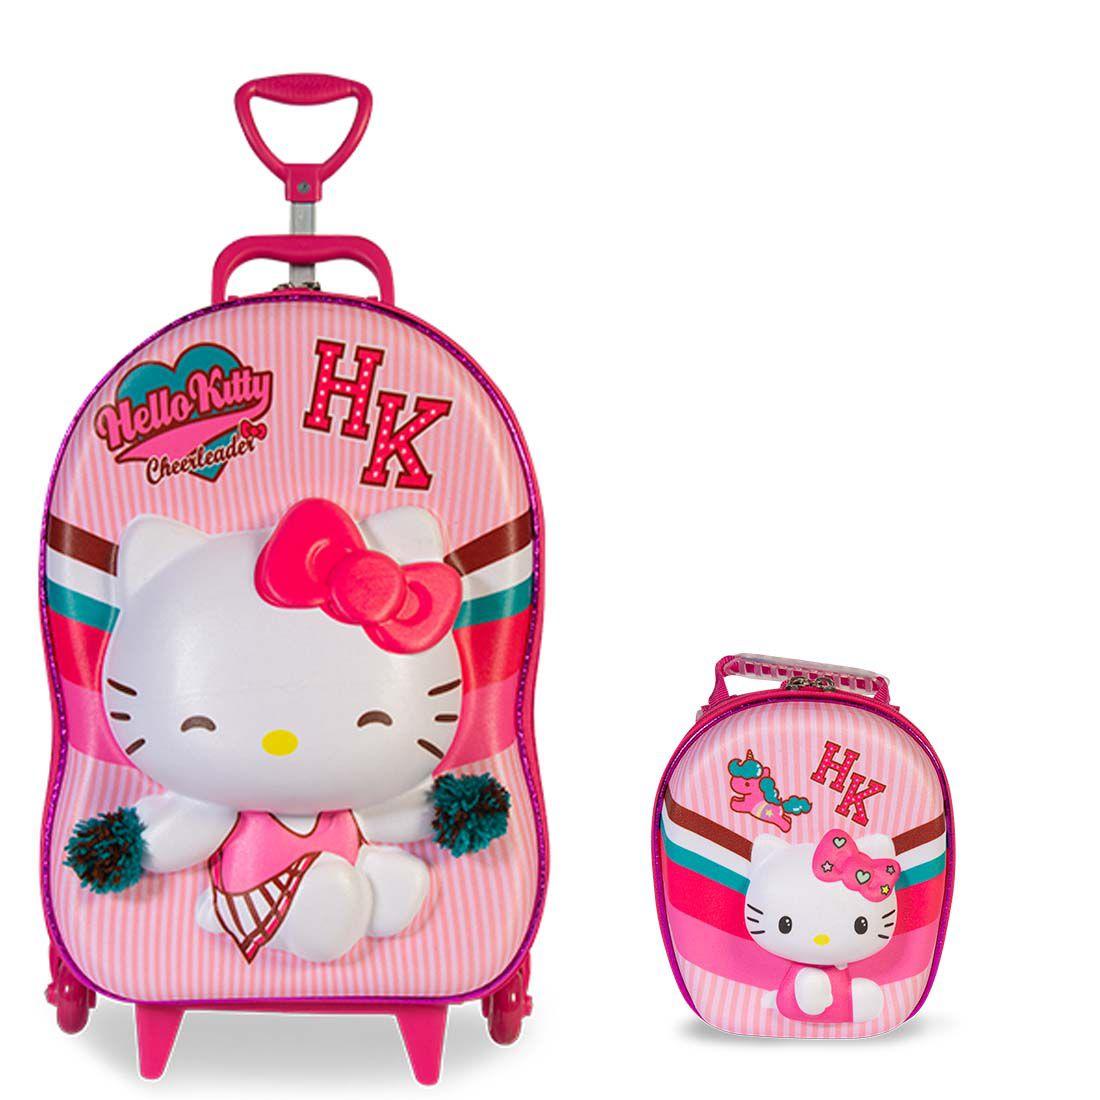 Mochila 3D com Rodinhas e Lancheira Hello Kitty Cheerleader 2823AM19 Lançamento